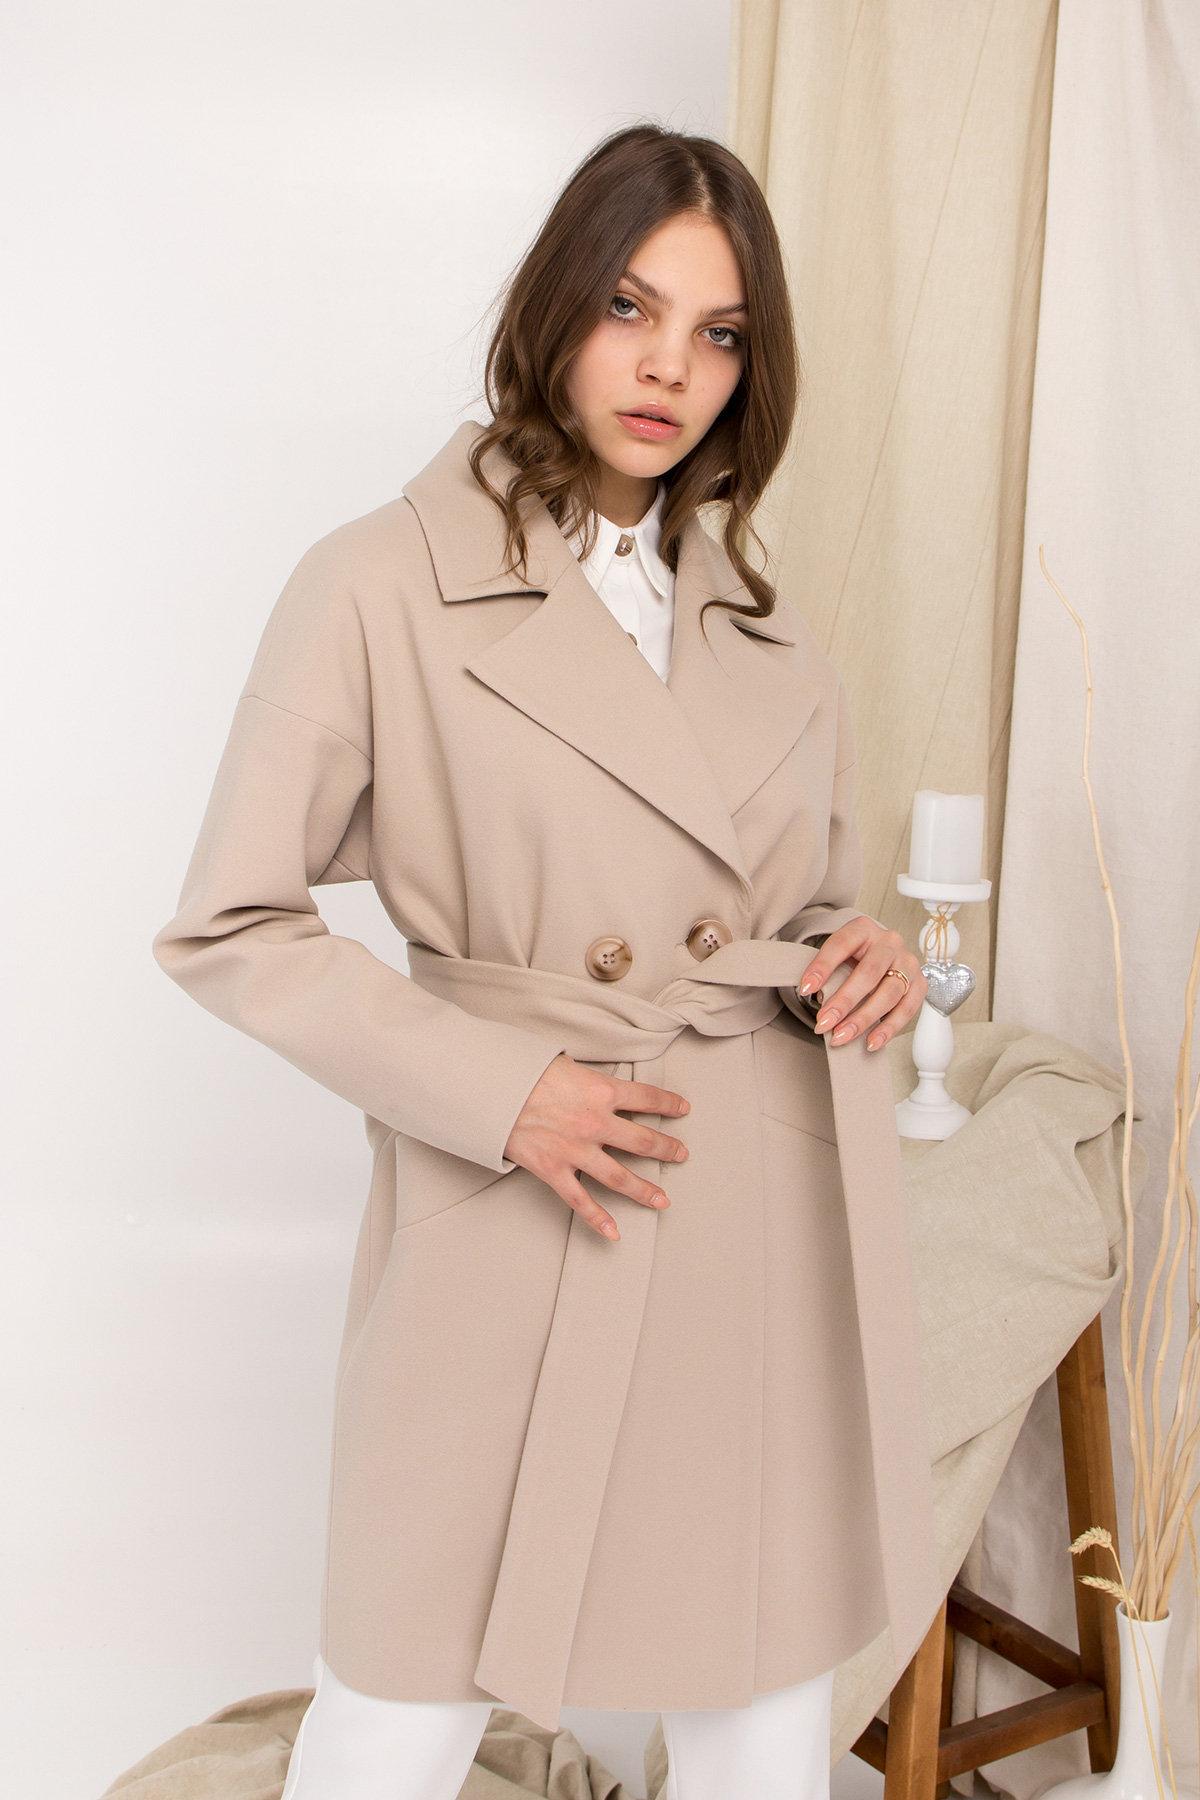 Пальто Сенсей 9006 АРТ. 45312 Цвет: Бежевый - фото 8, интернет магазин tm-modus.ru